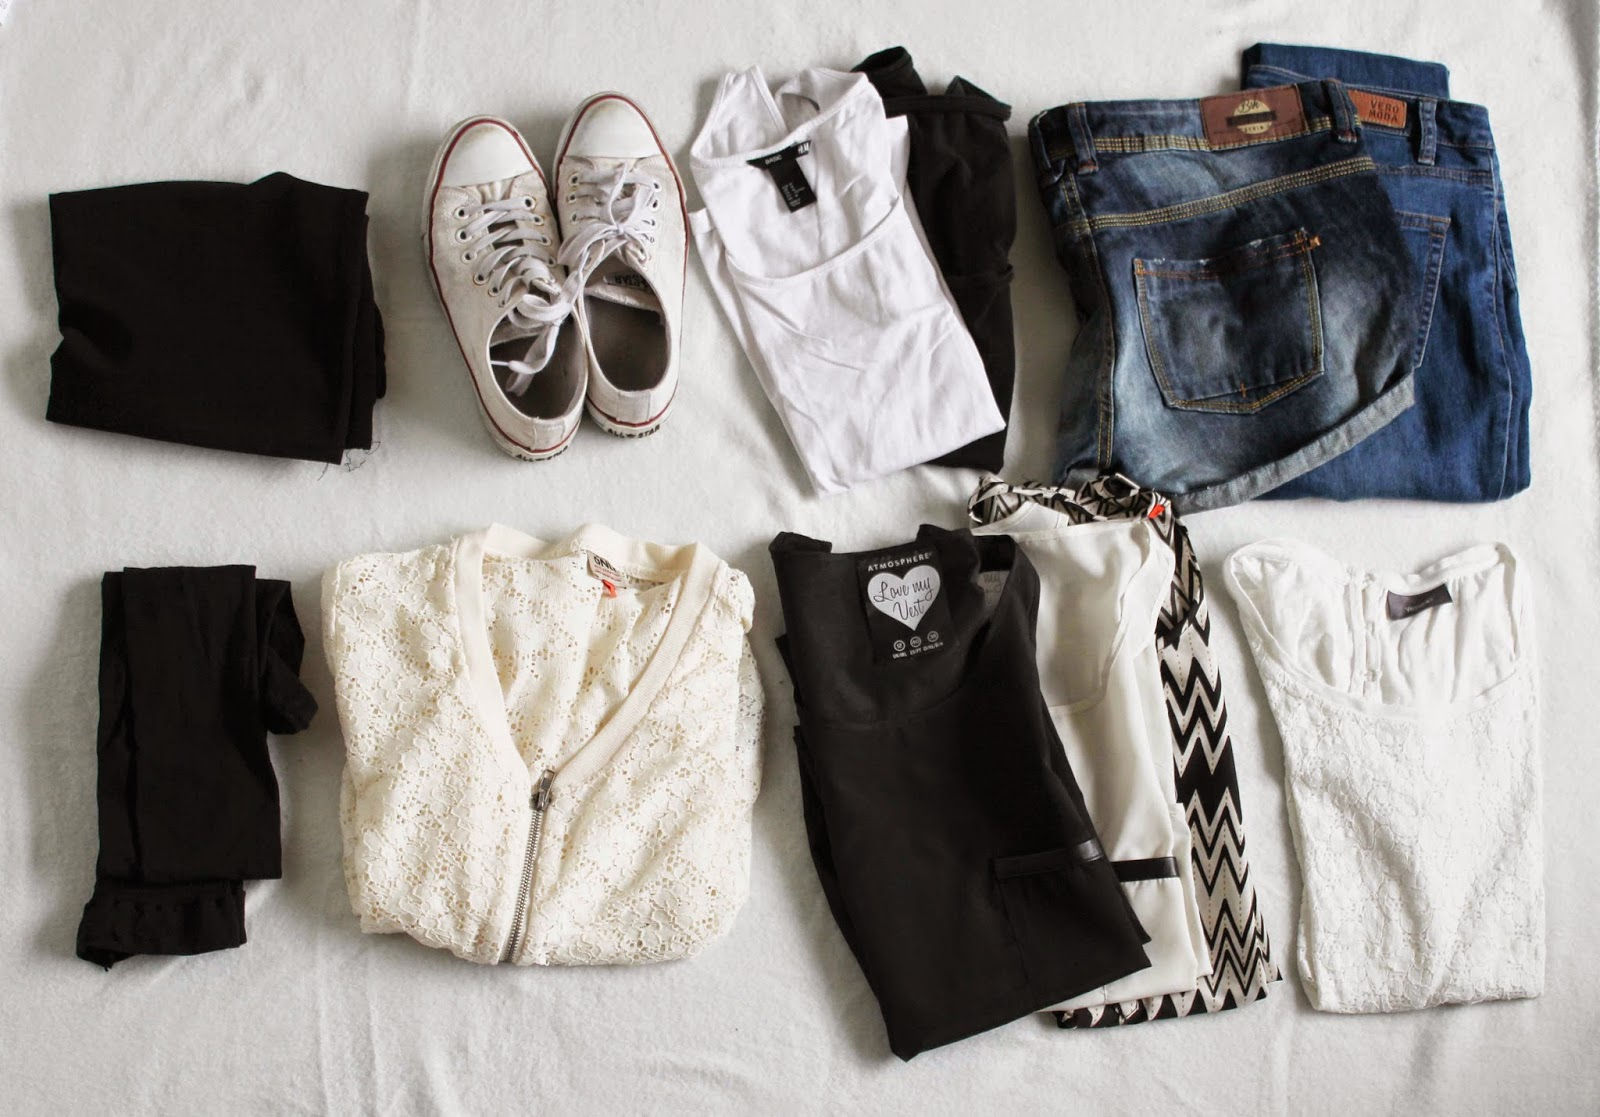 9c03c1da24e Normaal neem ik twee keer zoveel kleding mee als ik nodig heb - just to be  sure. Omdat we nu natuurlijk niet zoveel bagage mee konden nemen moest ik  ineens ...